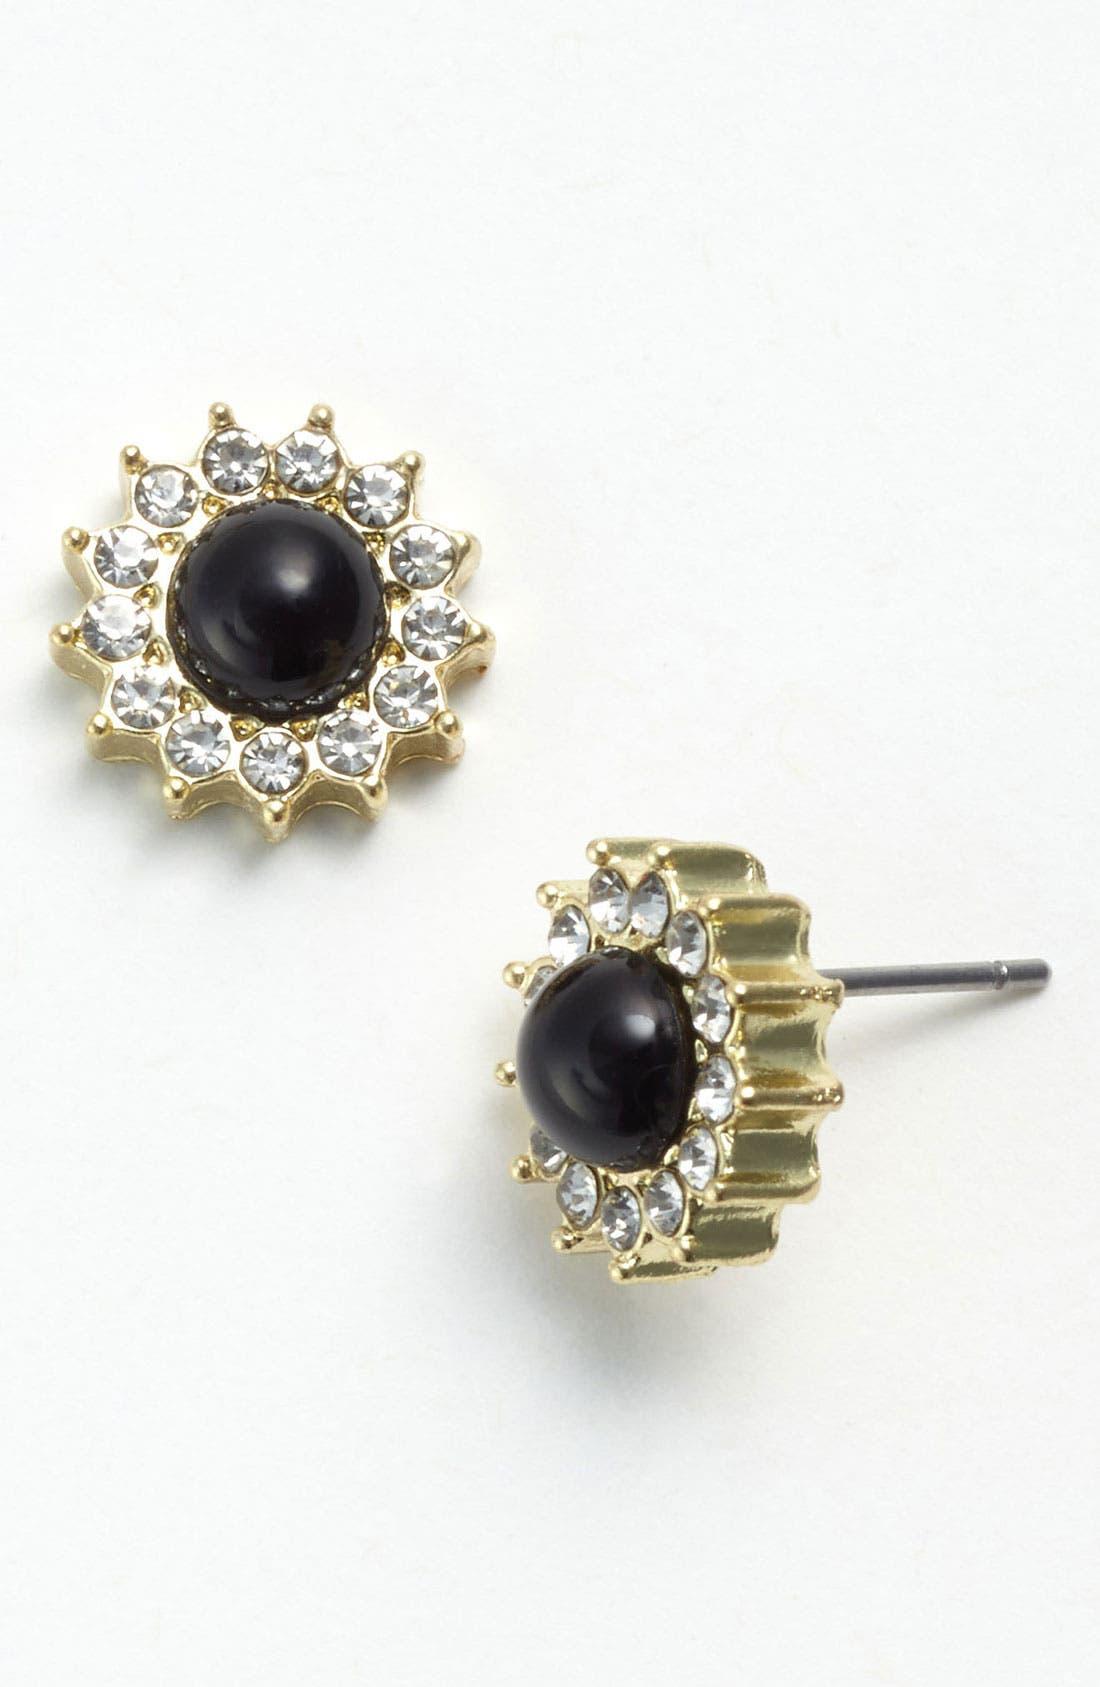 Alternate Image 1 Selected - BP. Rhinestone Starburst Stud Earrings